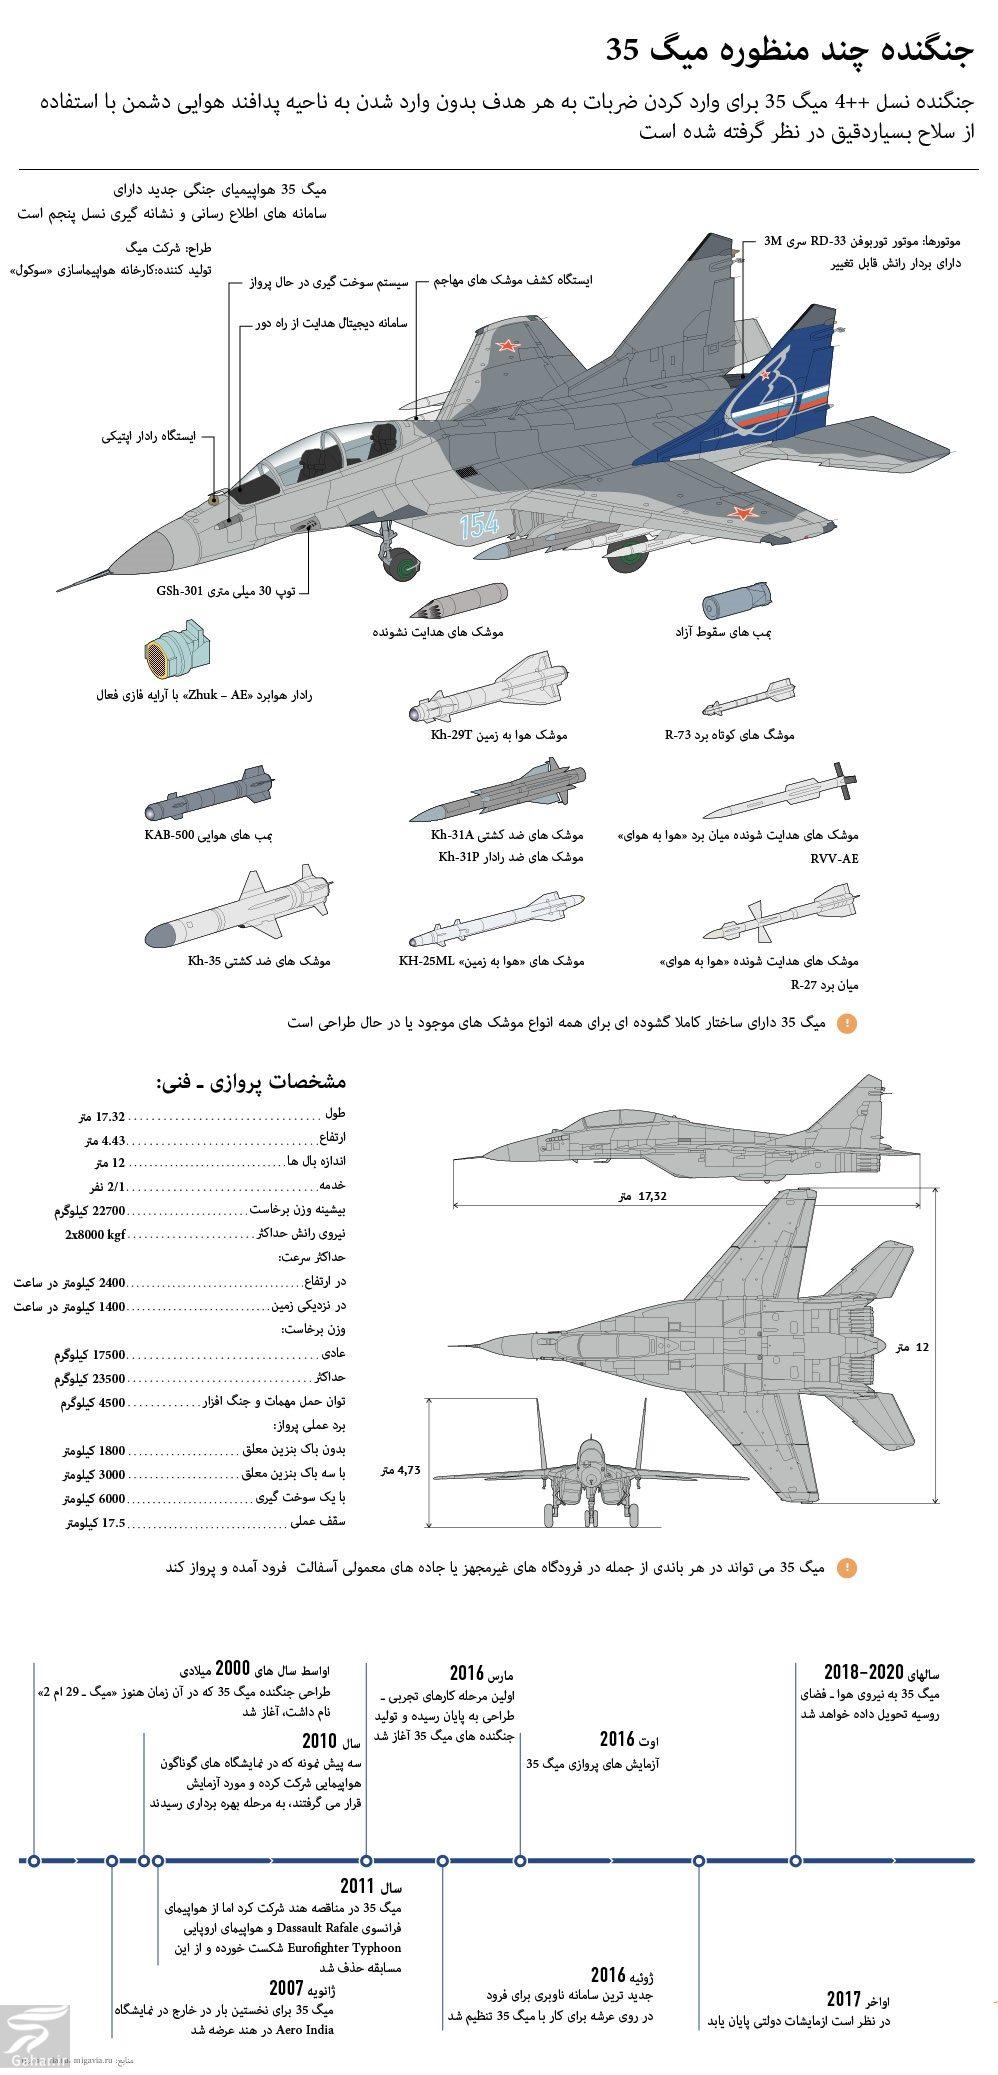 981141 Gahar ir مشخصات میگ 35 جنگنده چند منظوره